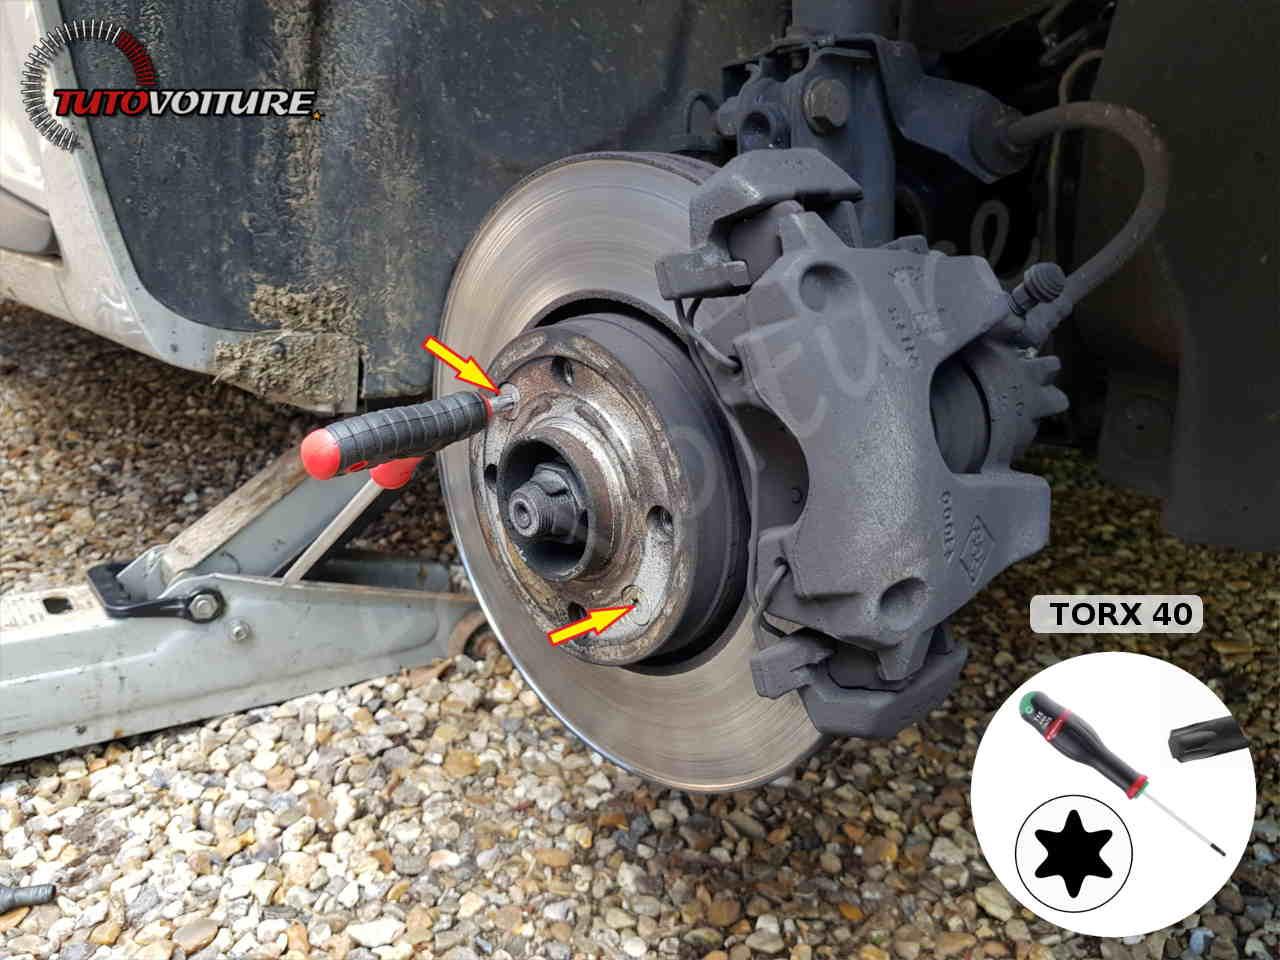 Démonter les vis du disque de frein Clio 4